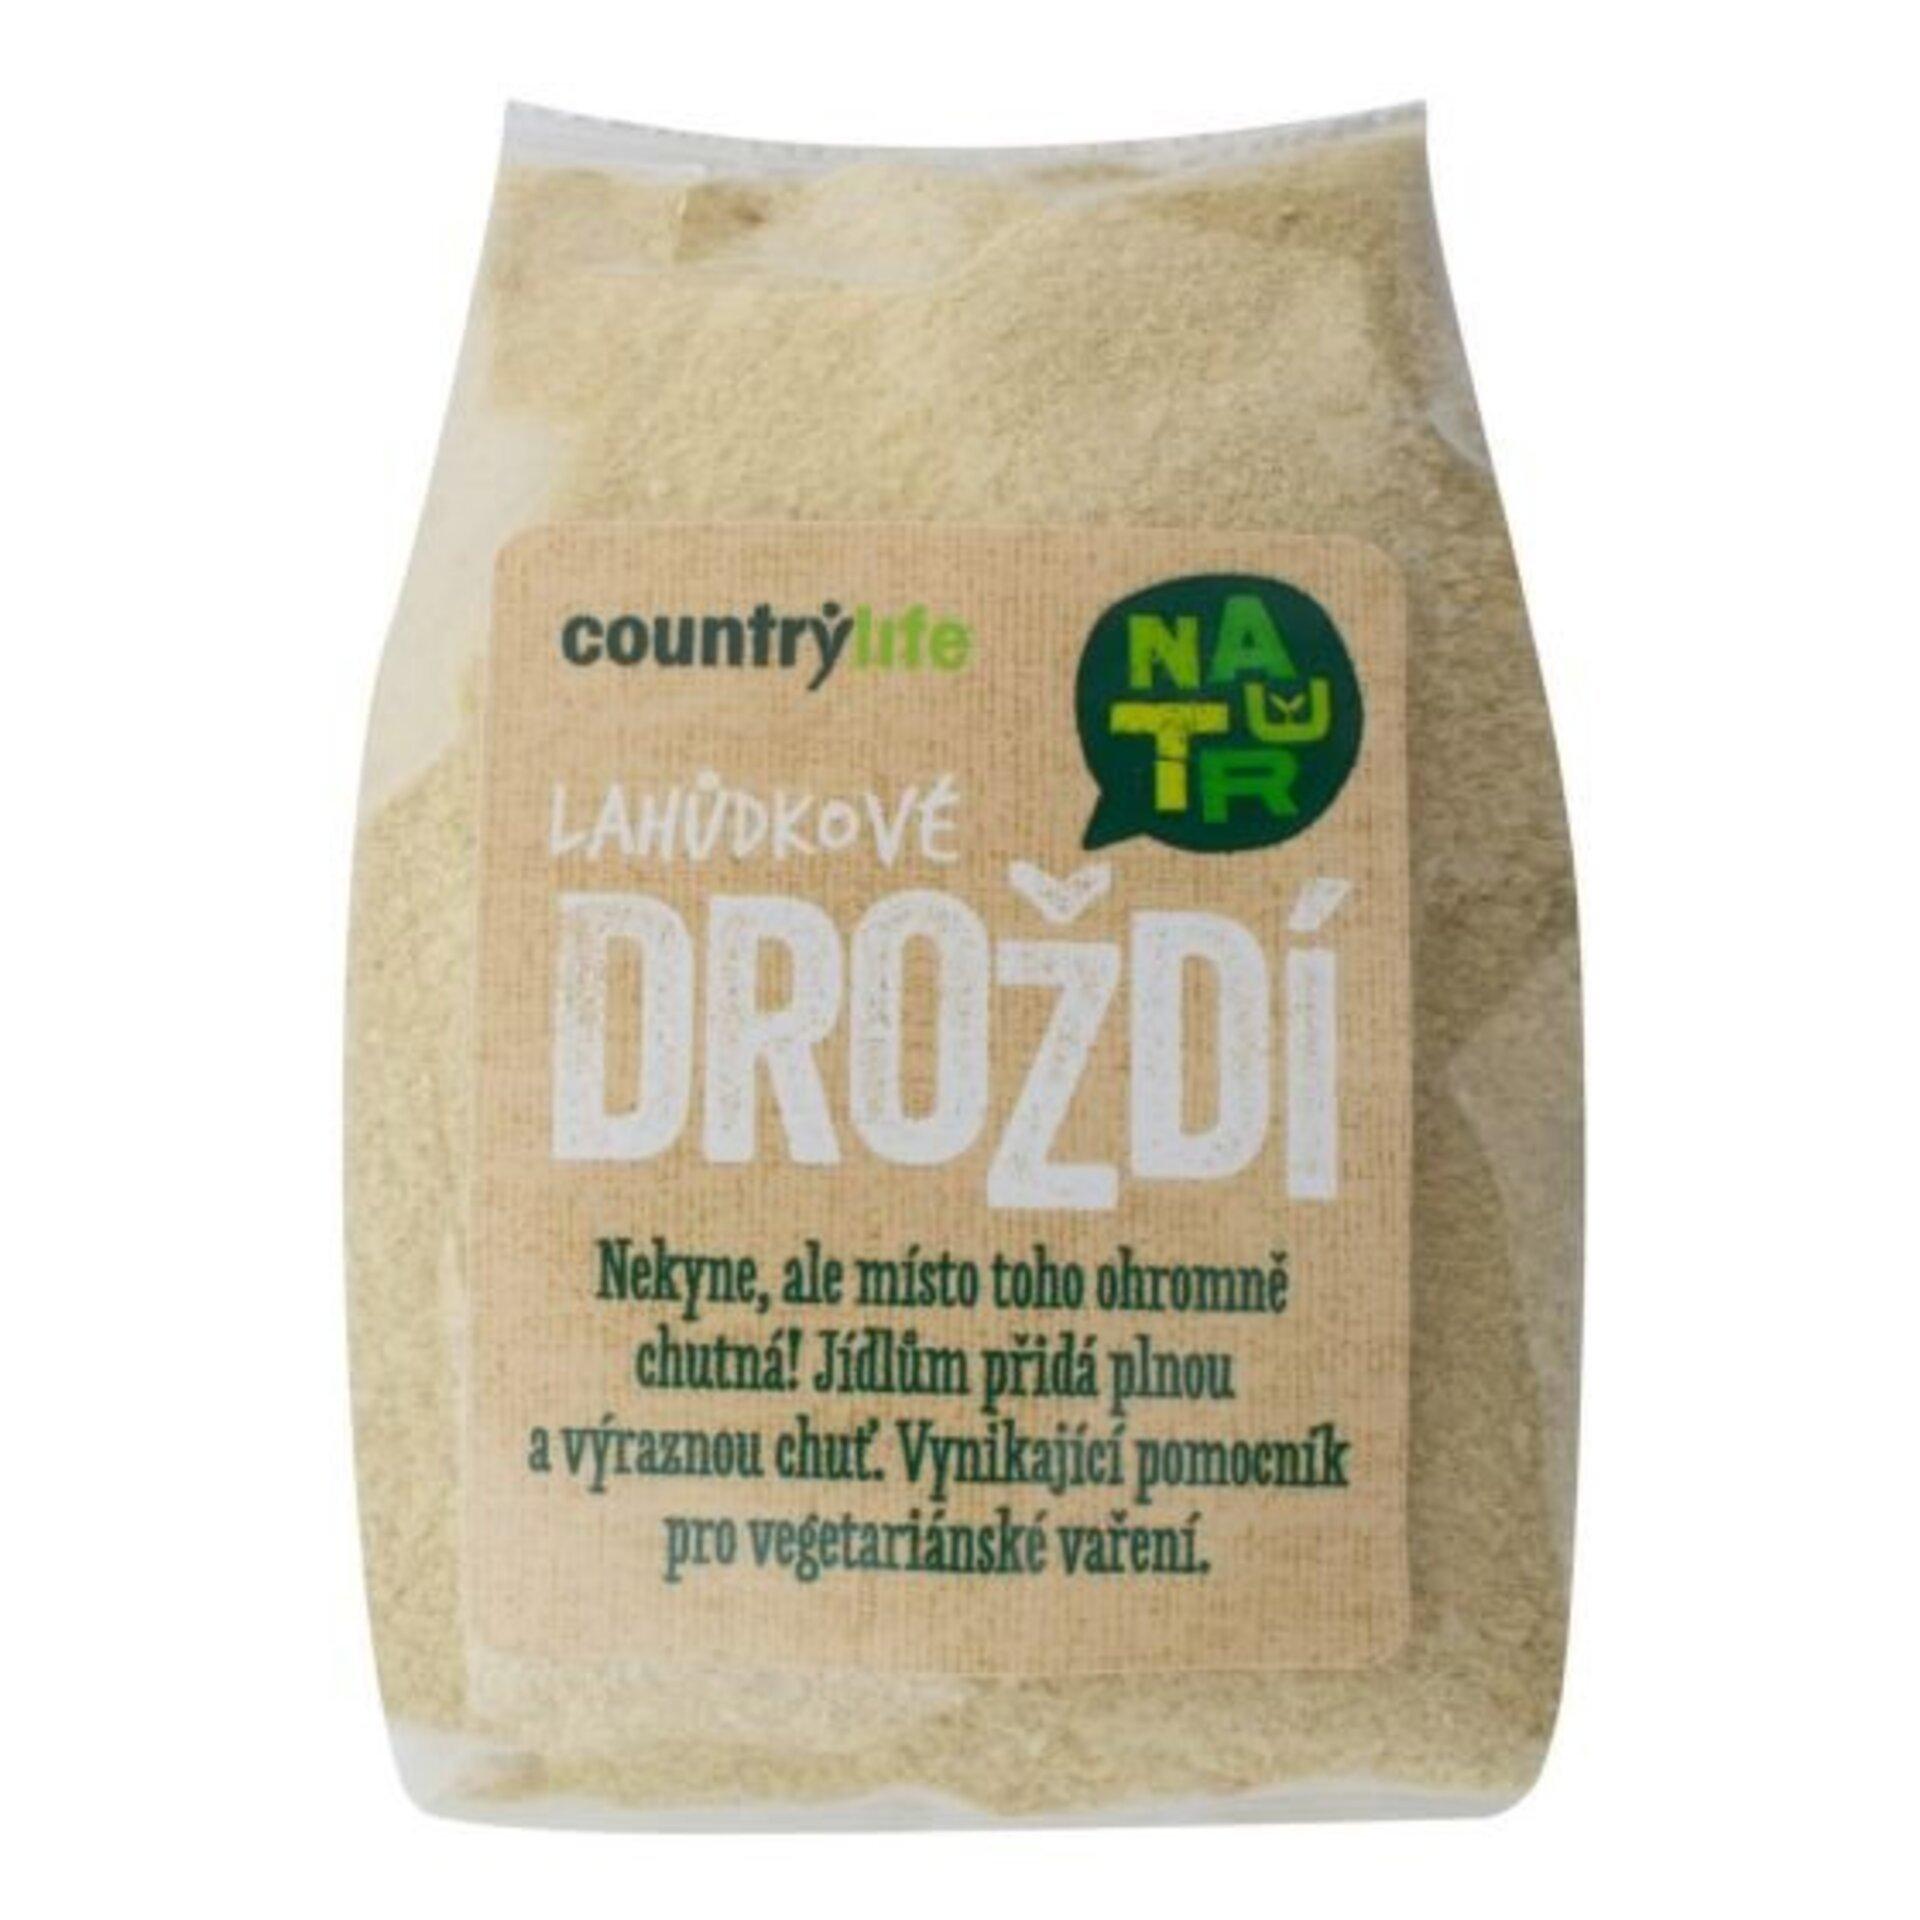 Country Life Droždie lahôdkové 150 g